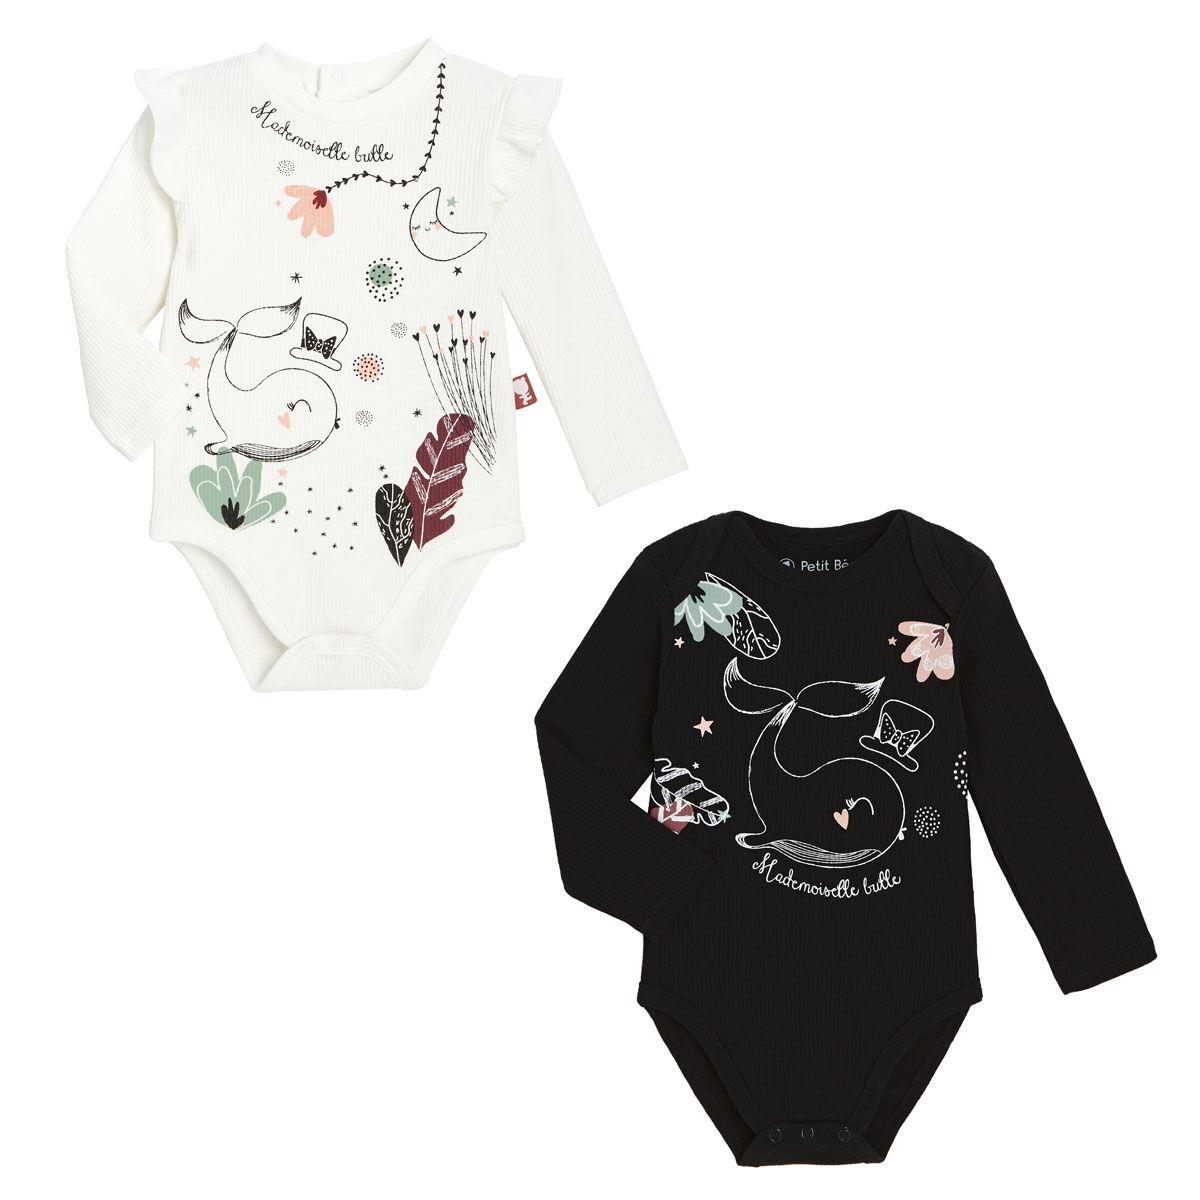 Petit Béguin Lot de 2 bodies bébé fille manches longues Bulle - Taille - 24 mois